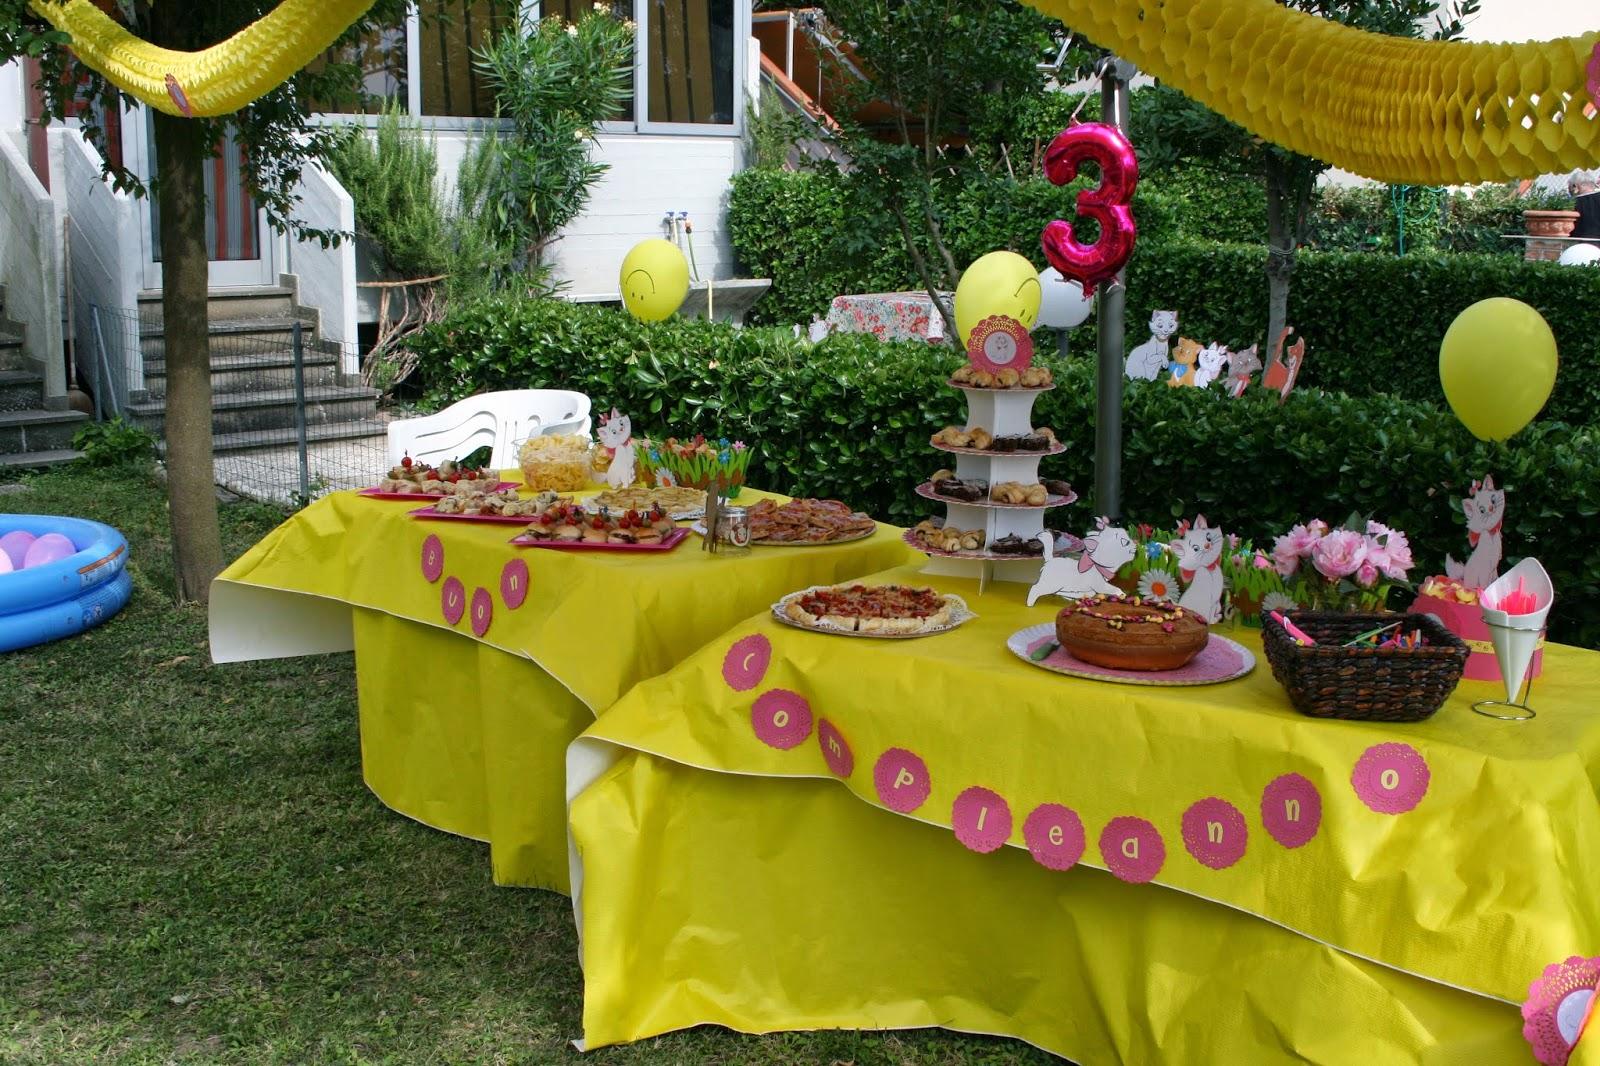 Il giardino delle creazioni il 3 compleanno della principessa tema aristogatti - Allestimento giardino ...